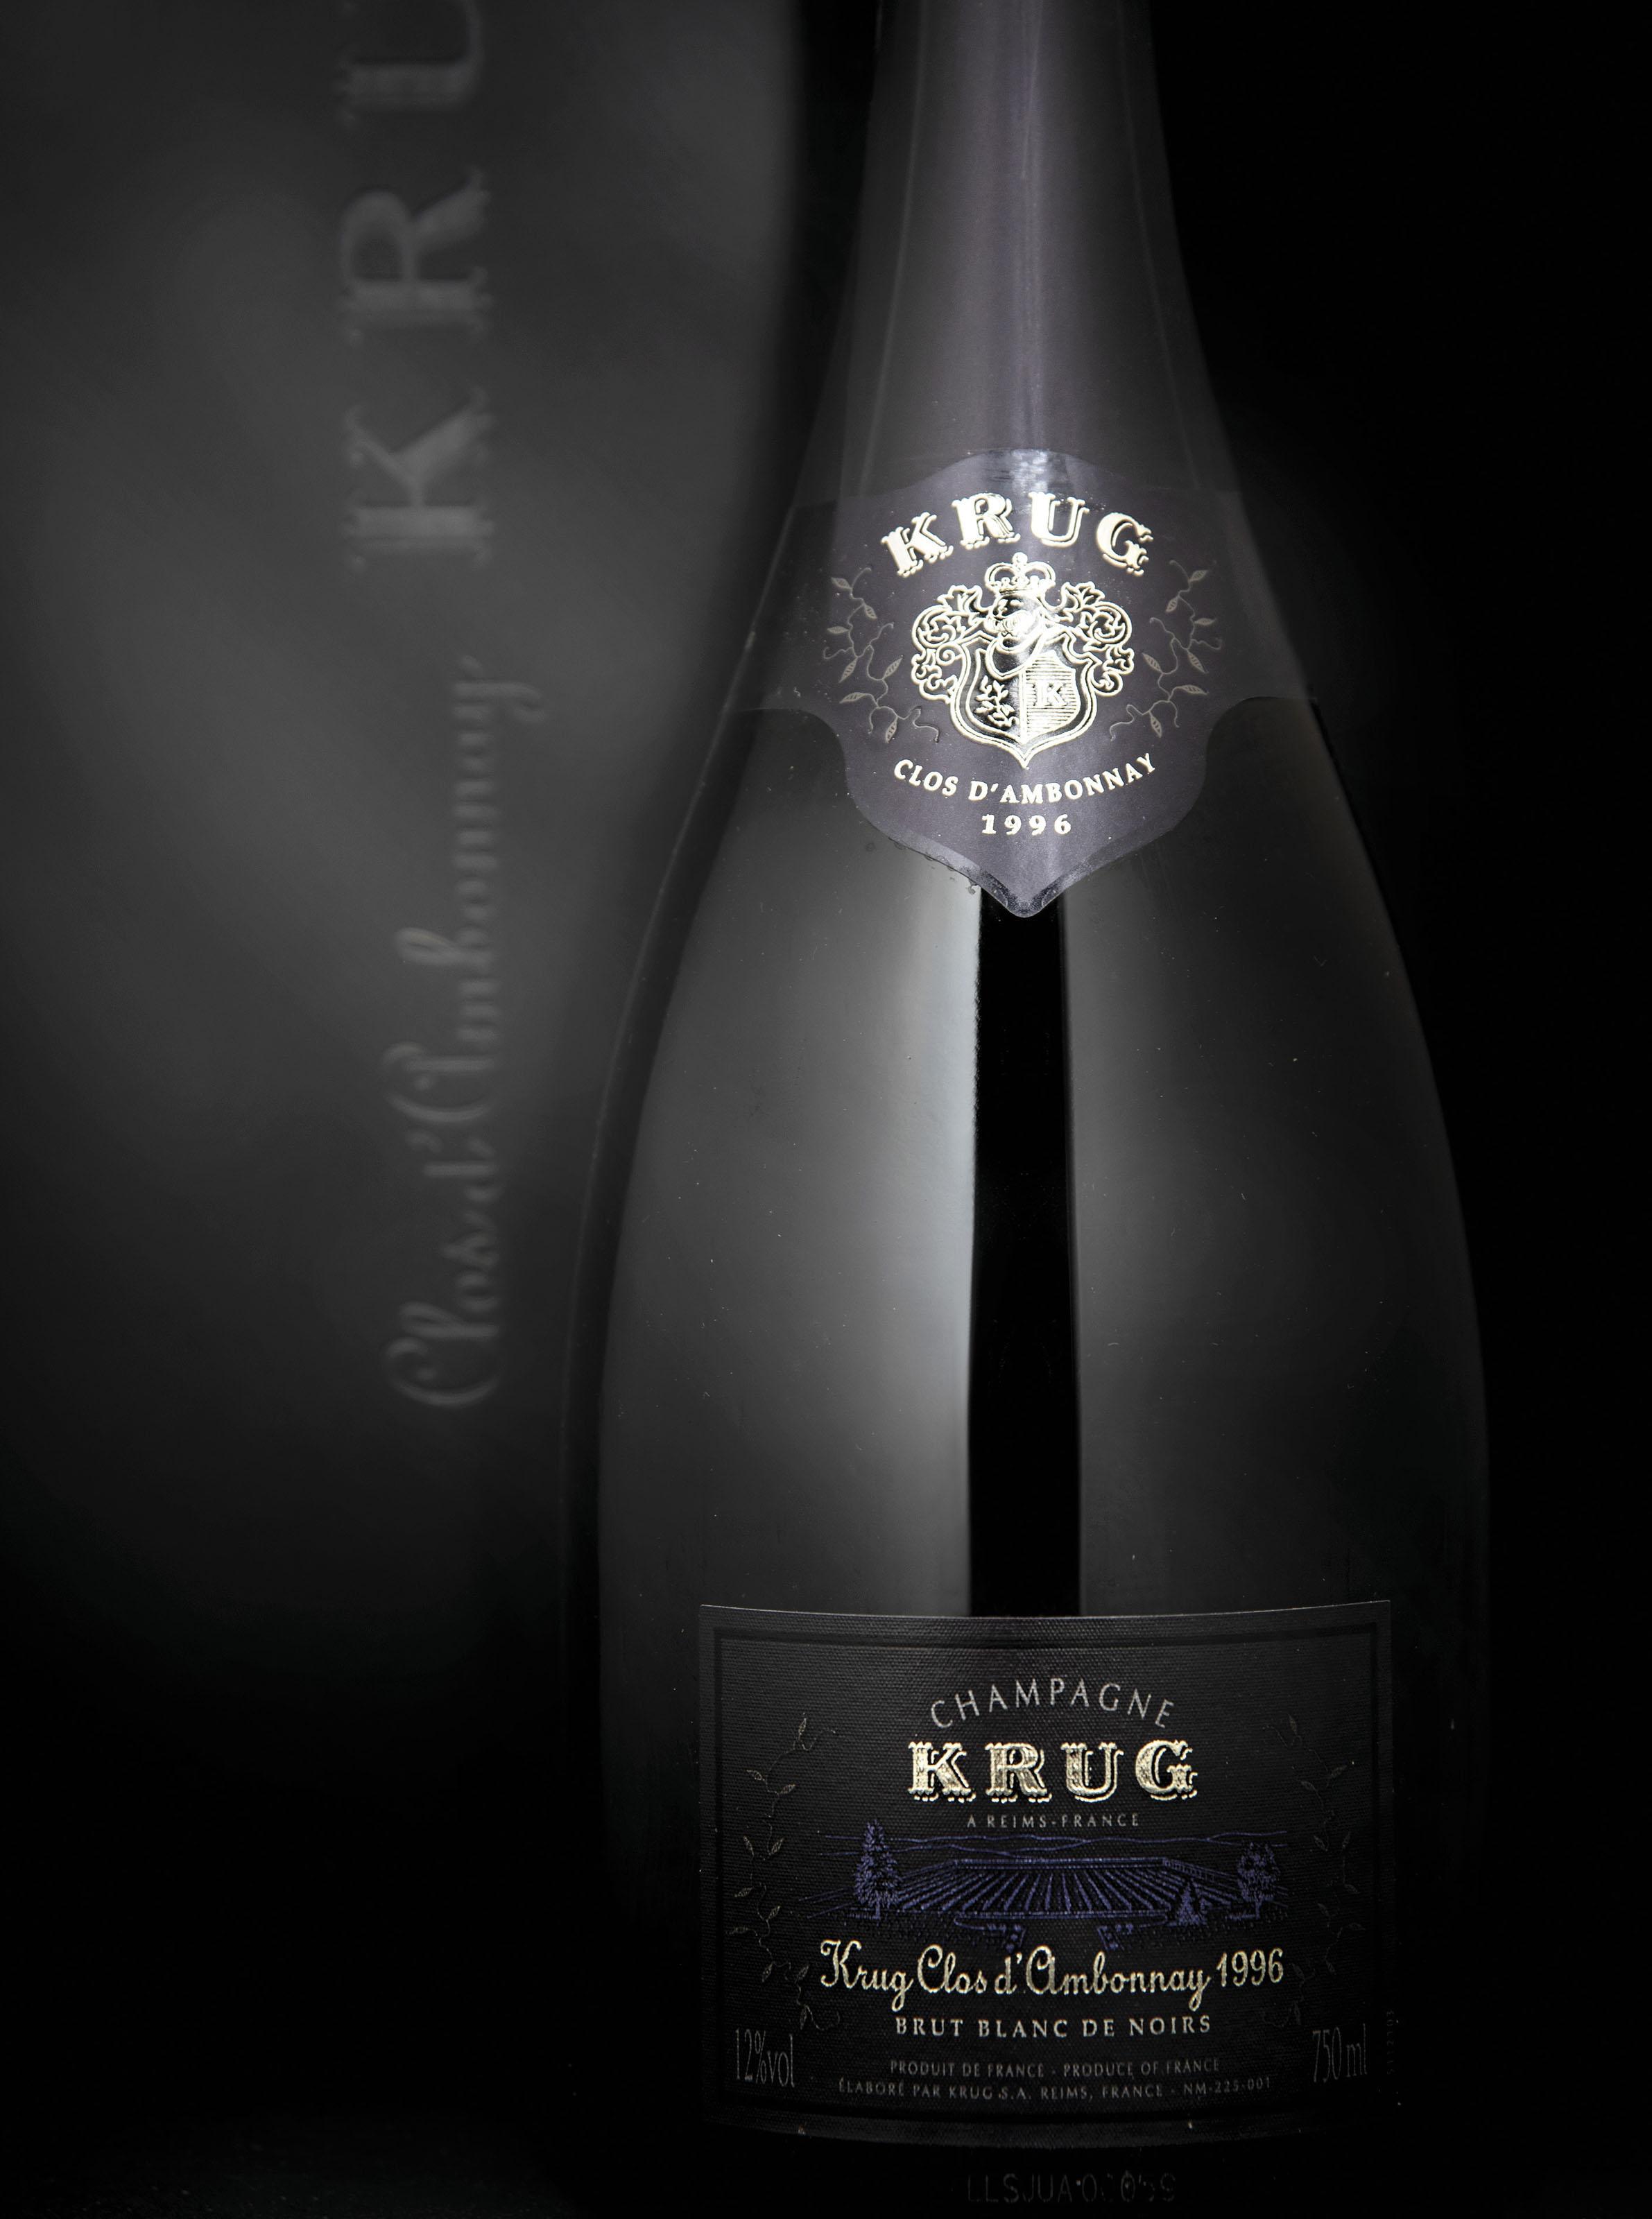 Krug Clos d'Ambonnay 1996